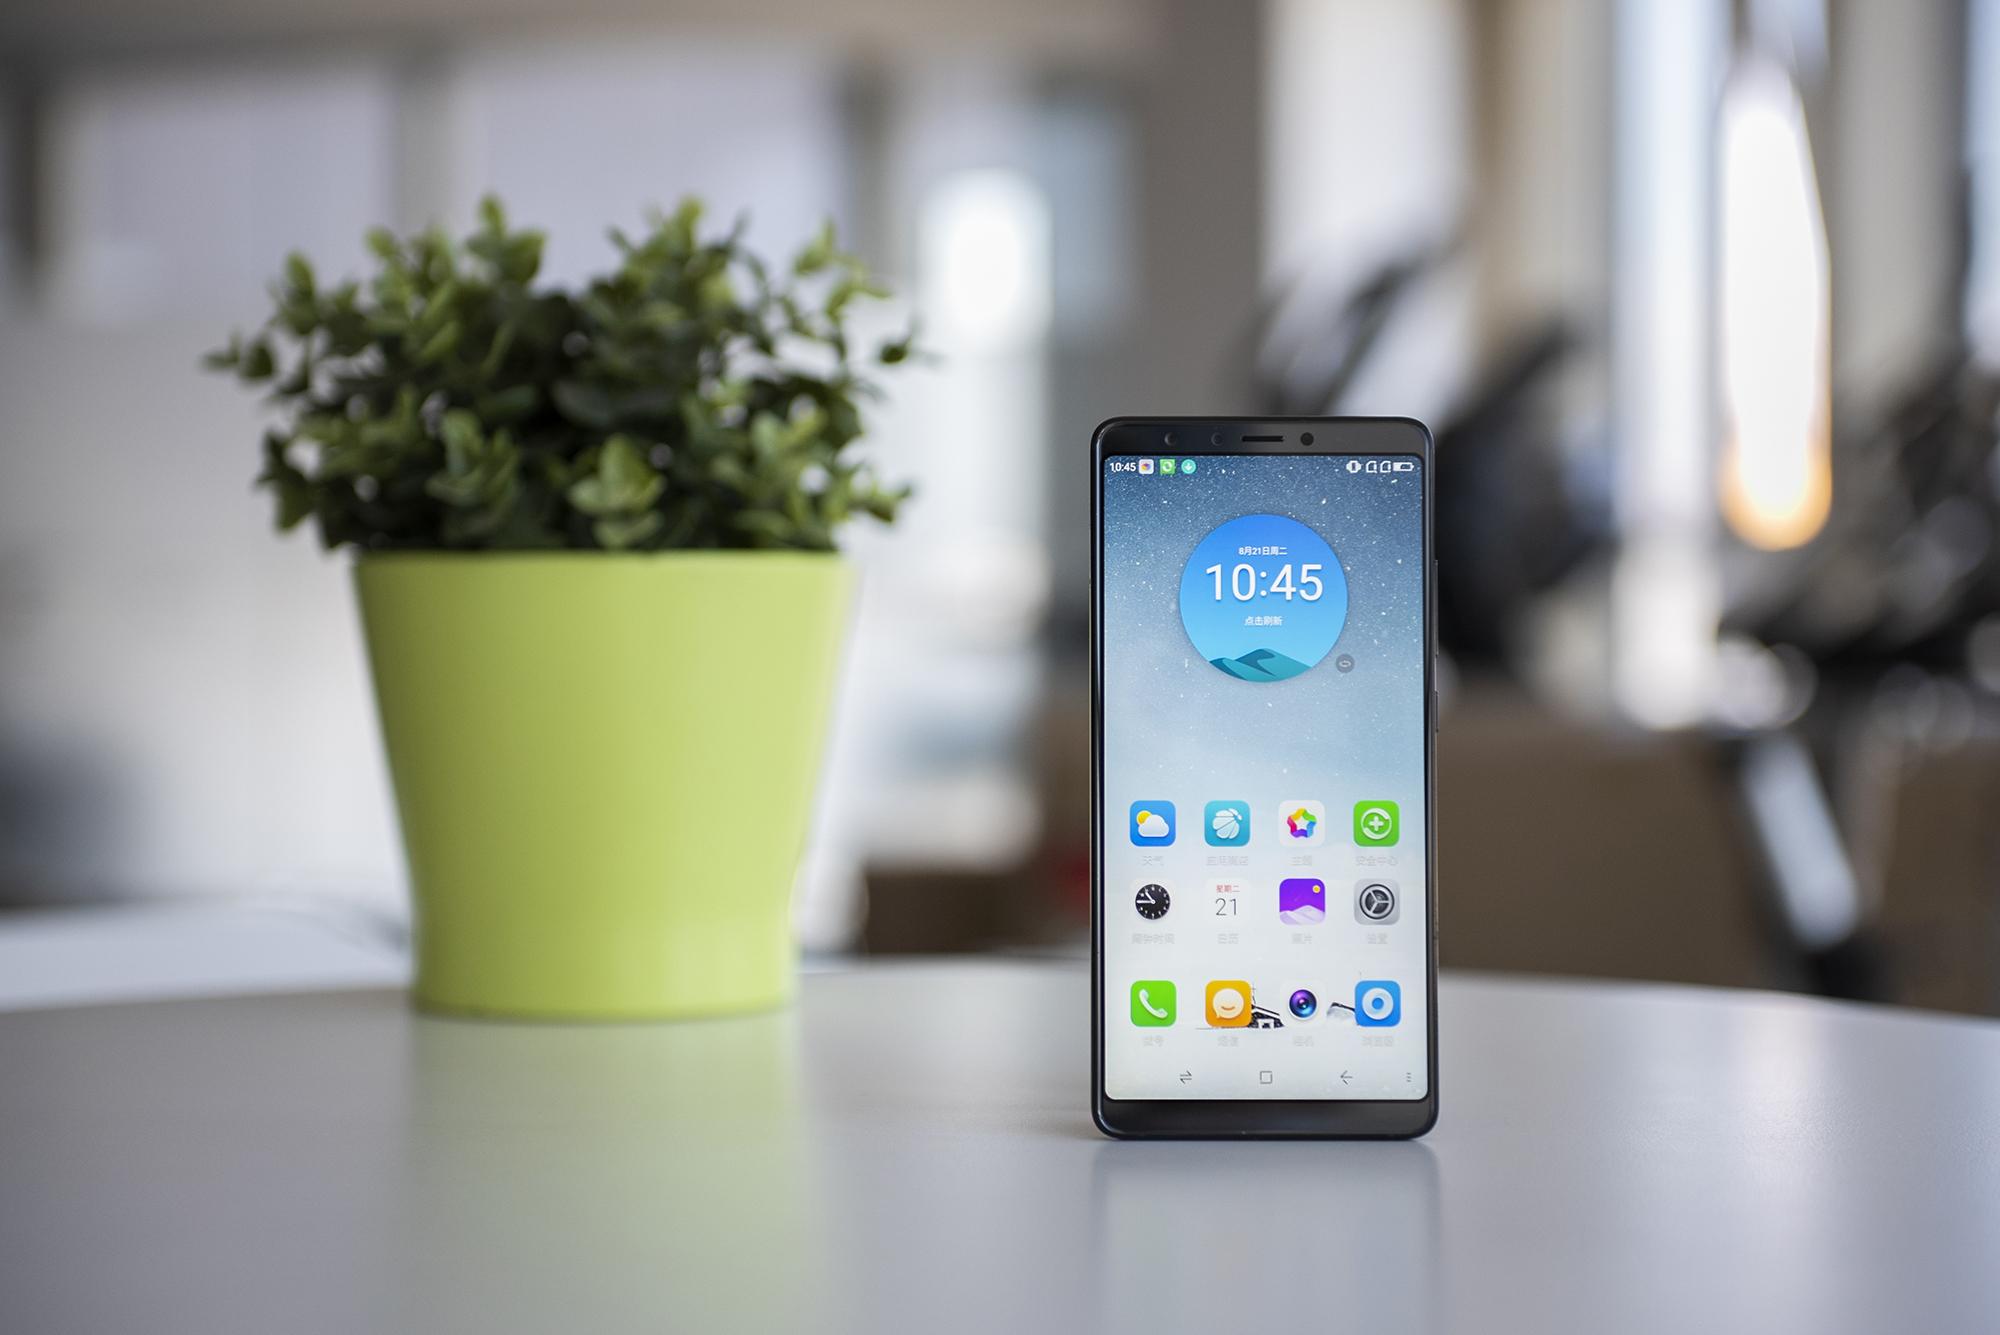 360手机N7 Pro开箱图赏 360手机N7 Pro配置参数大全手机好用吗